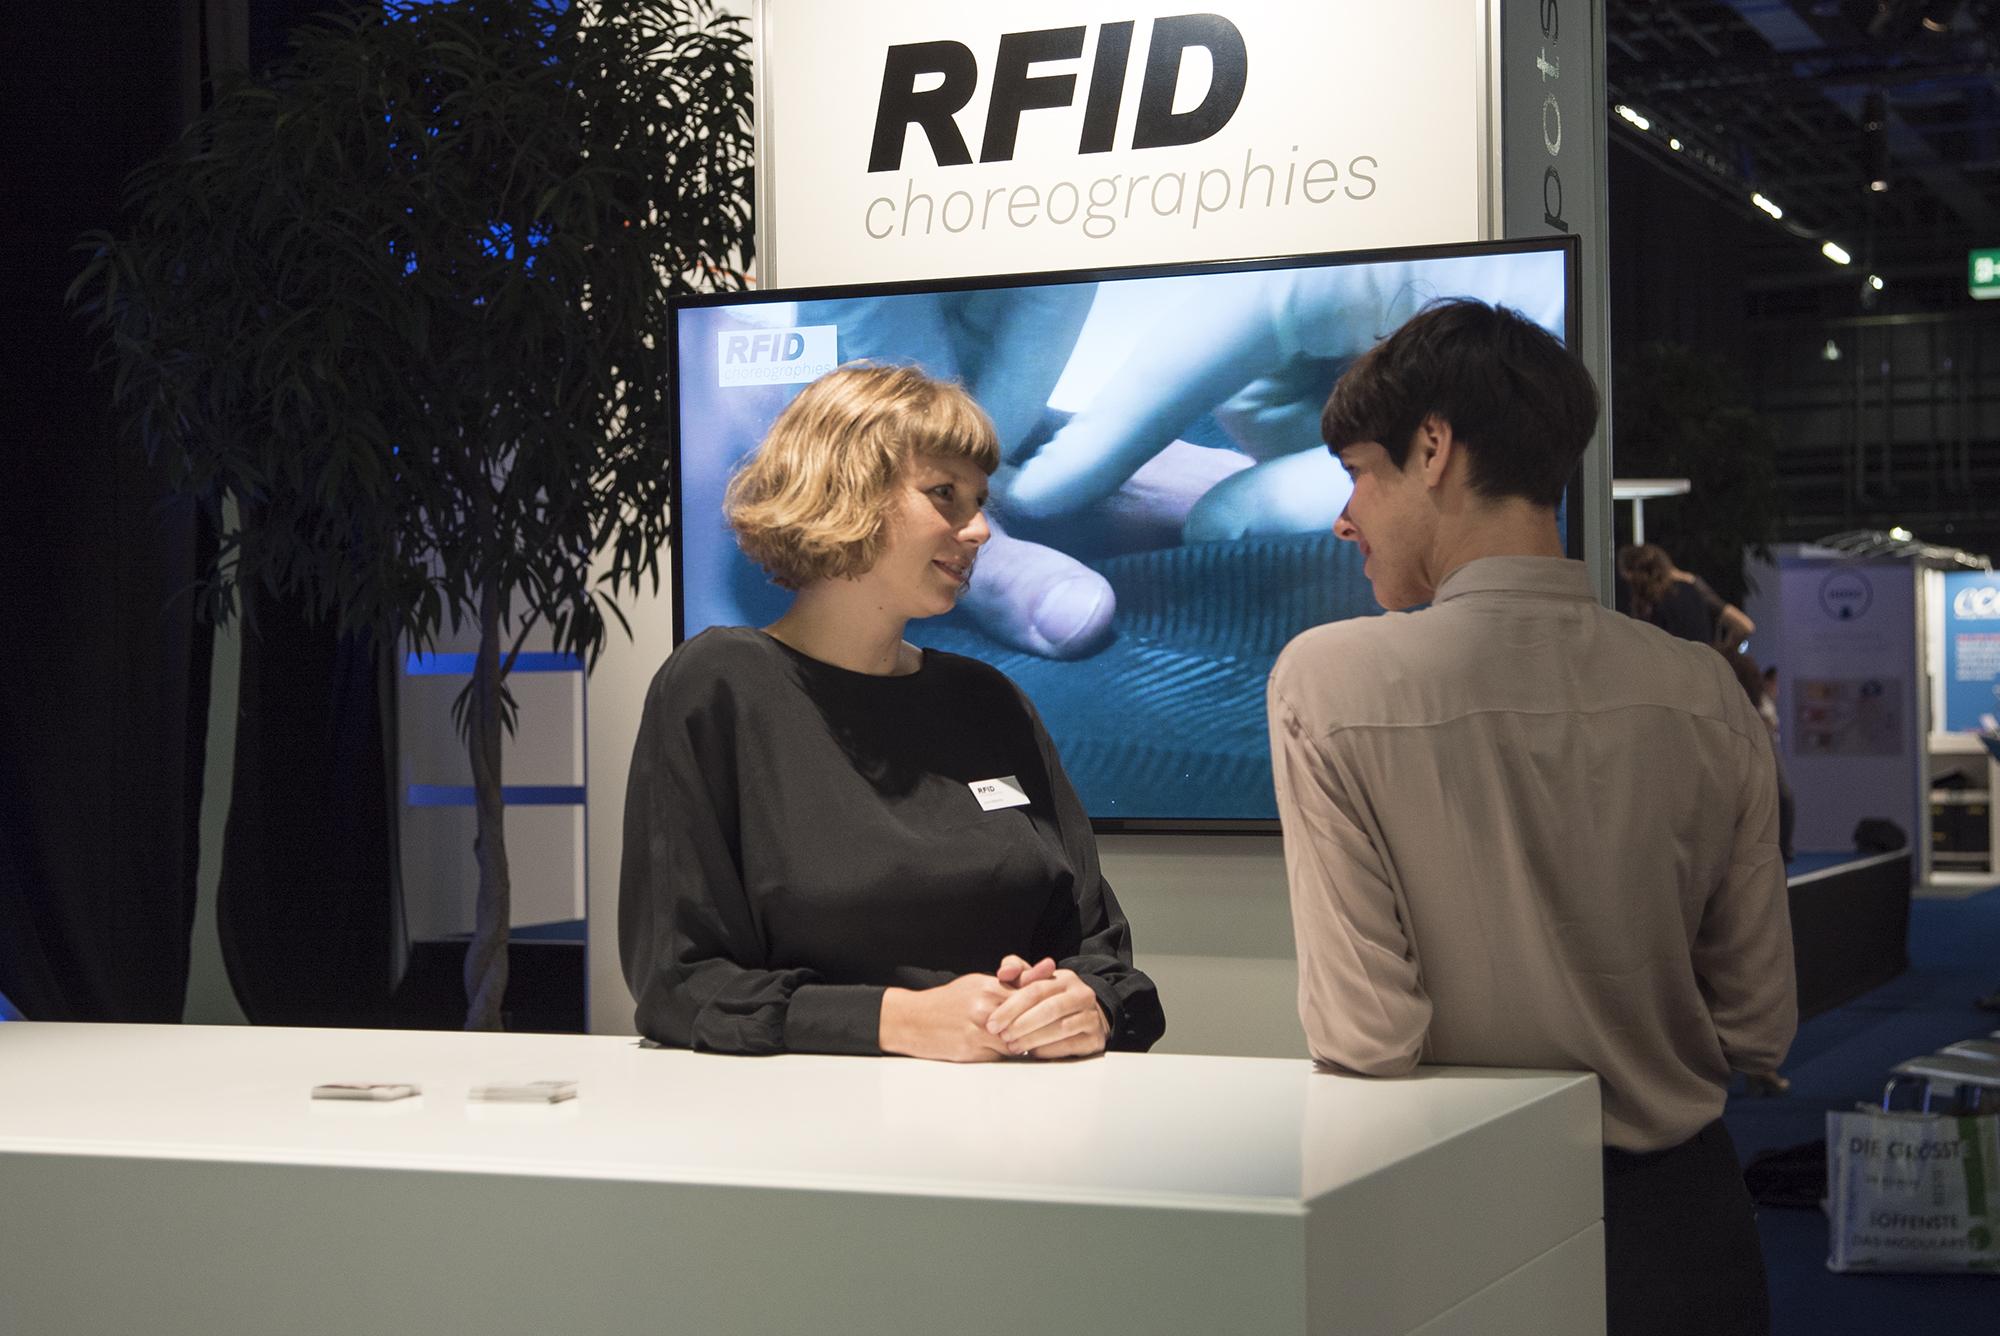 Willkommen am RFID-Stand!